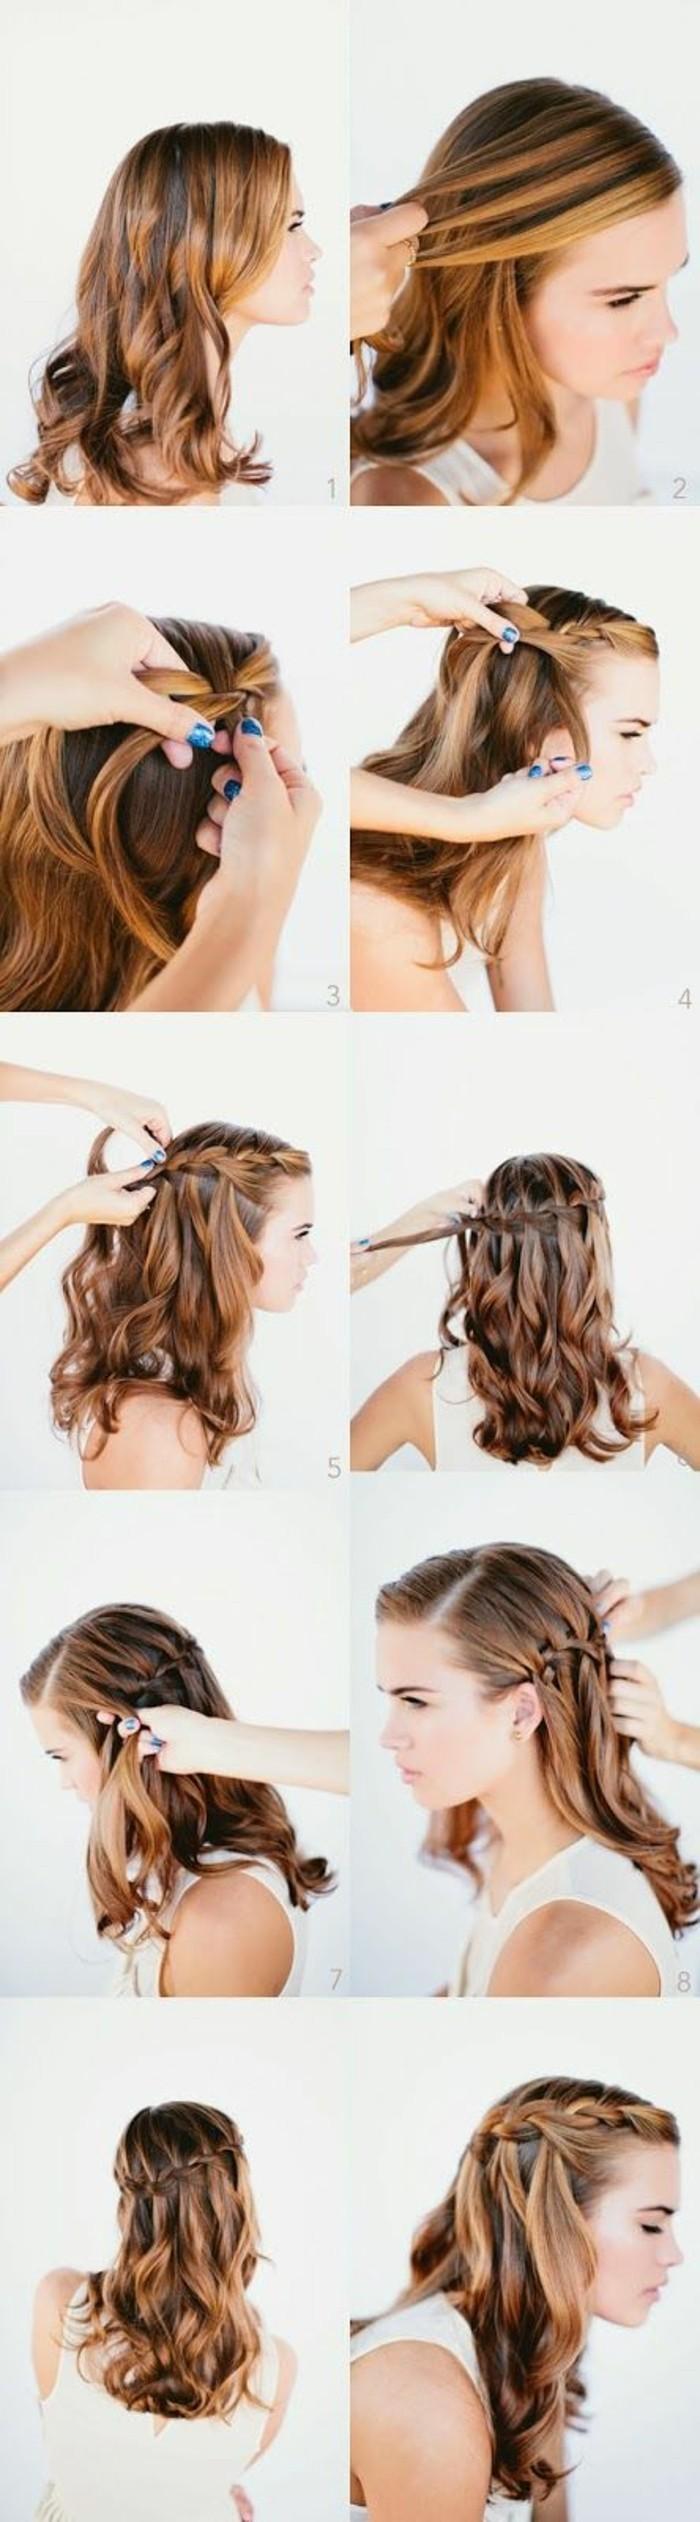 Acconciature capelli sciolti, capelli ricci, pettinatura con treccia laterale